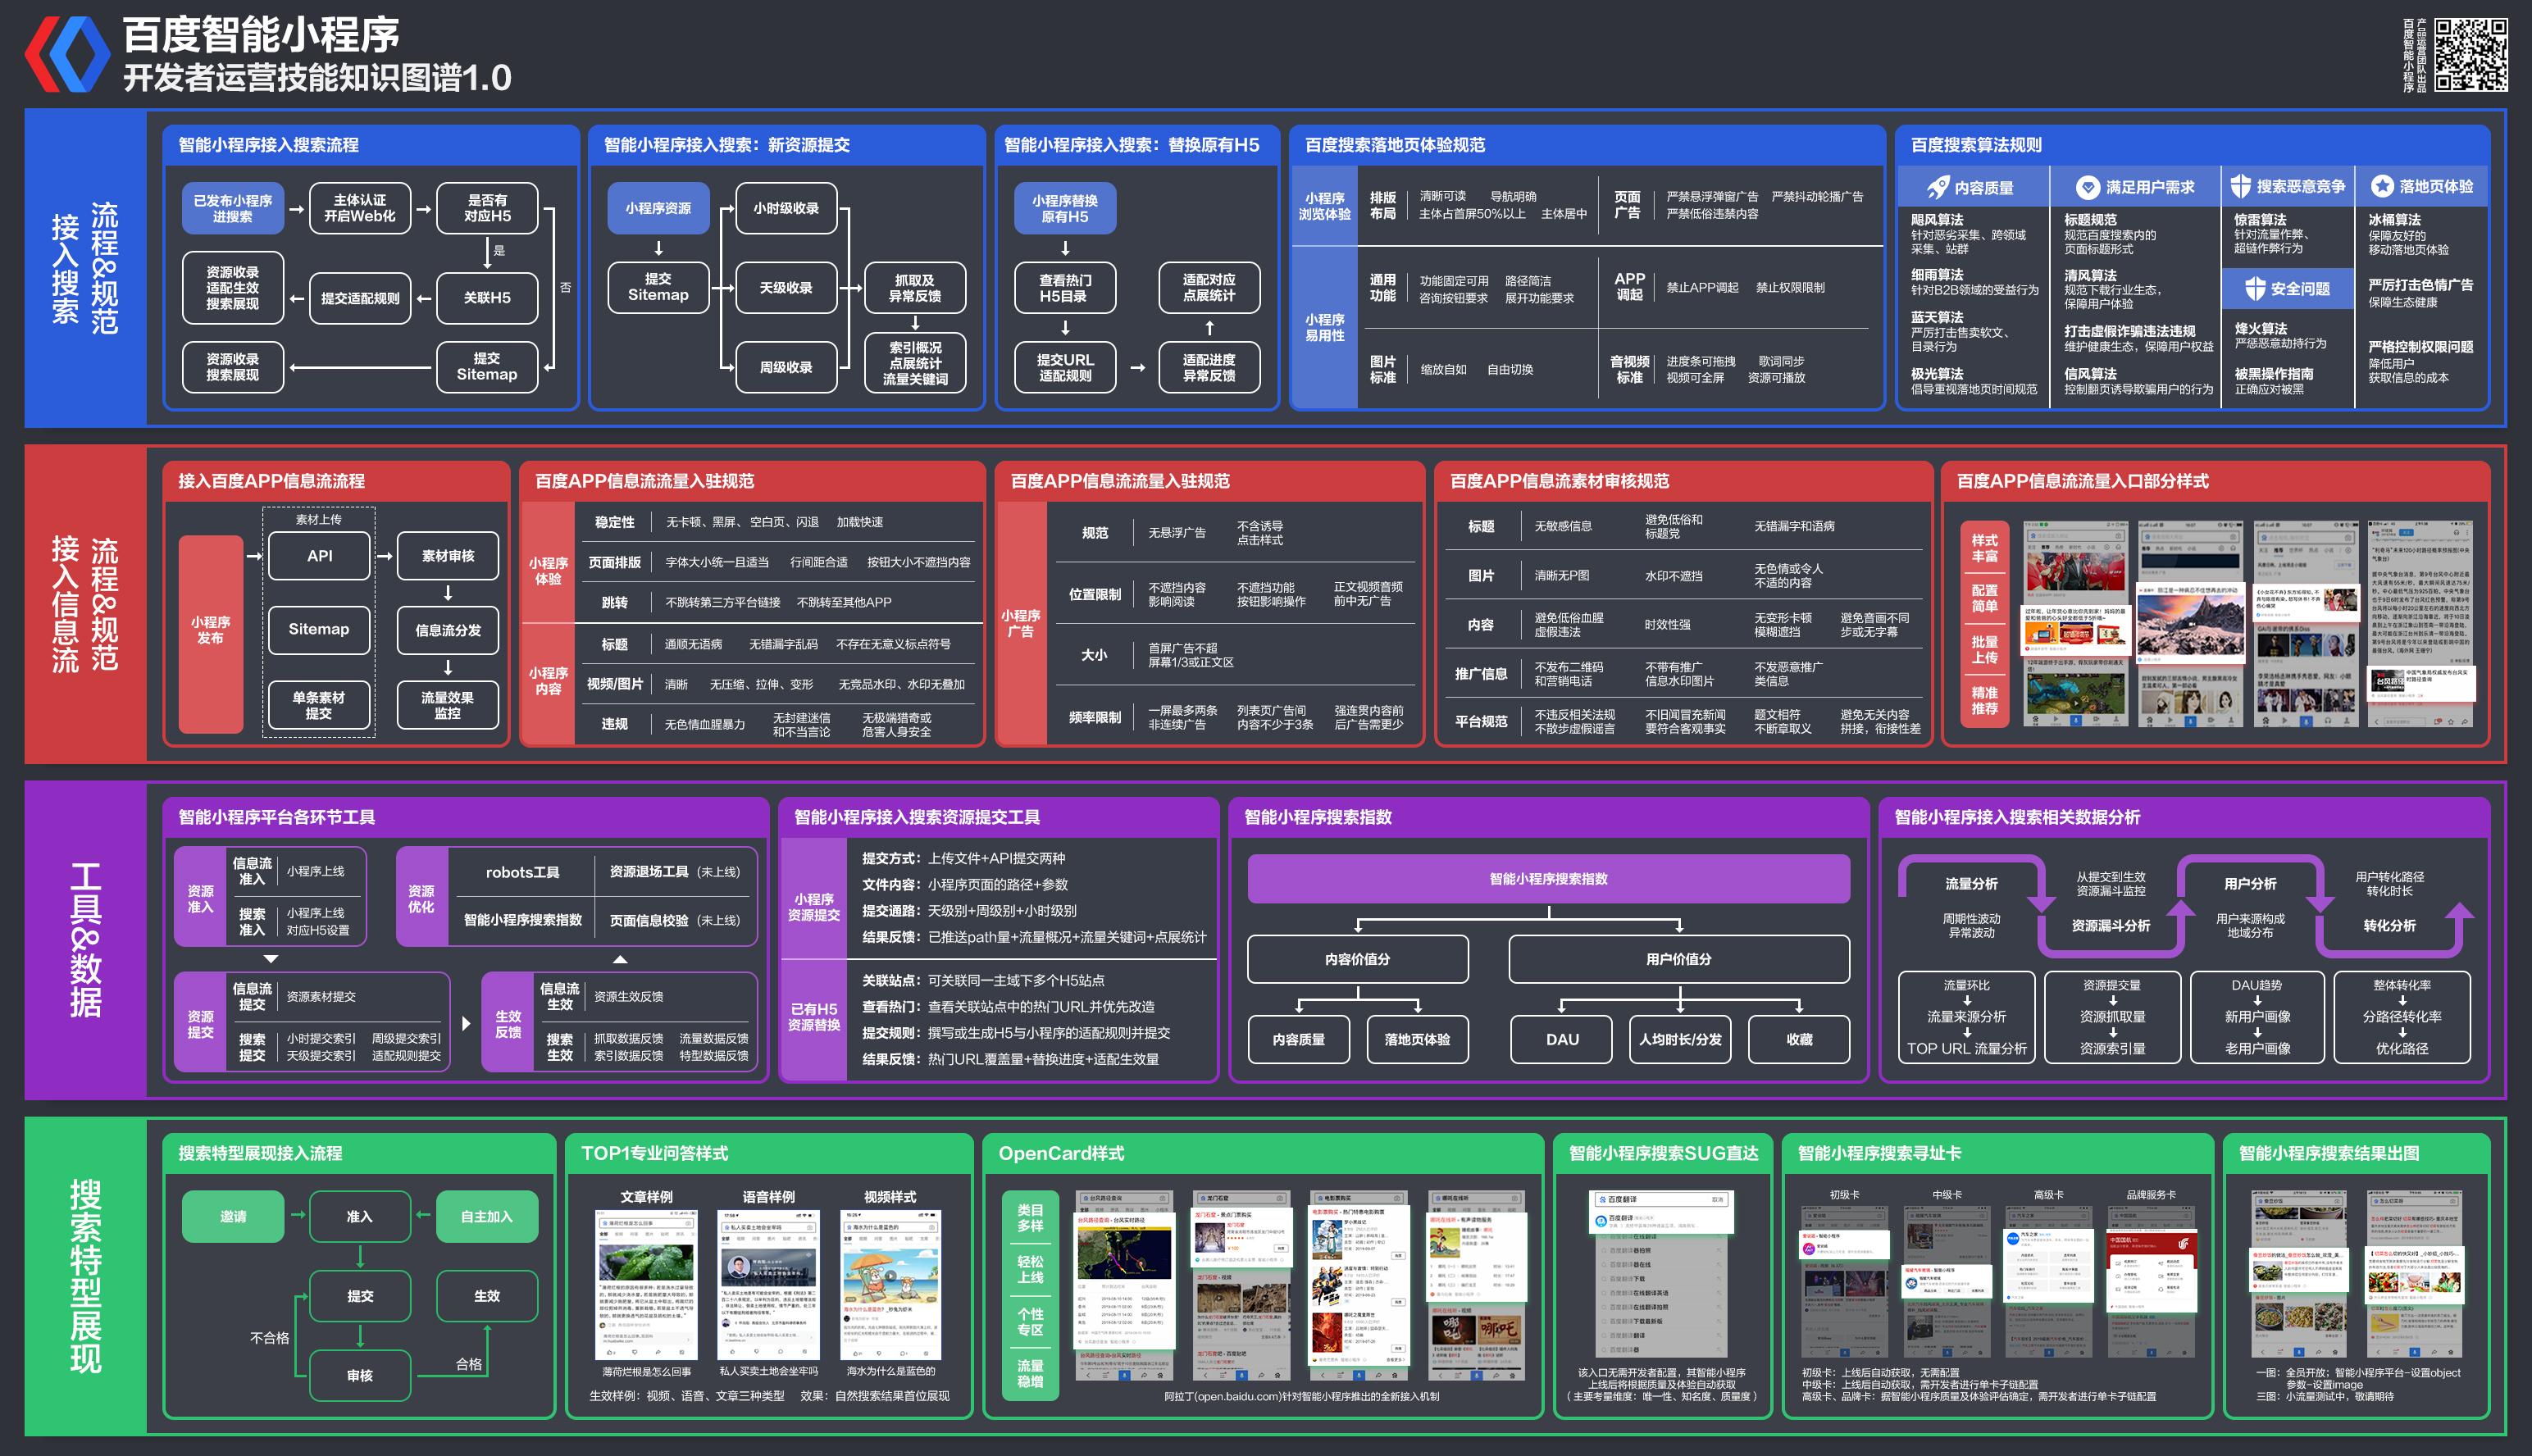 智能小程序运营技能知识图谱 1.0